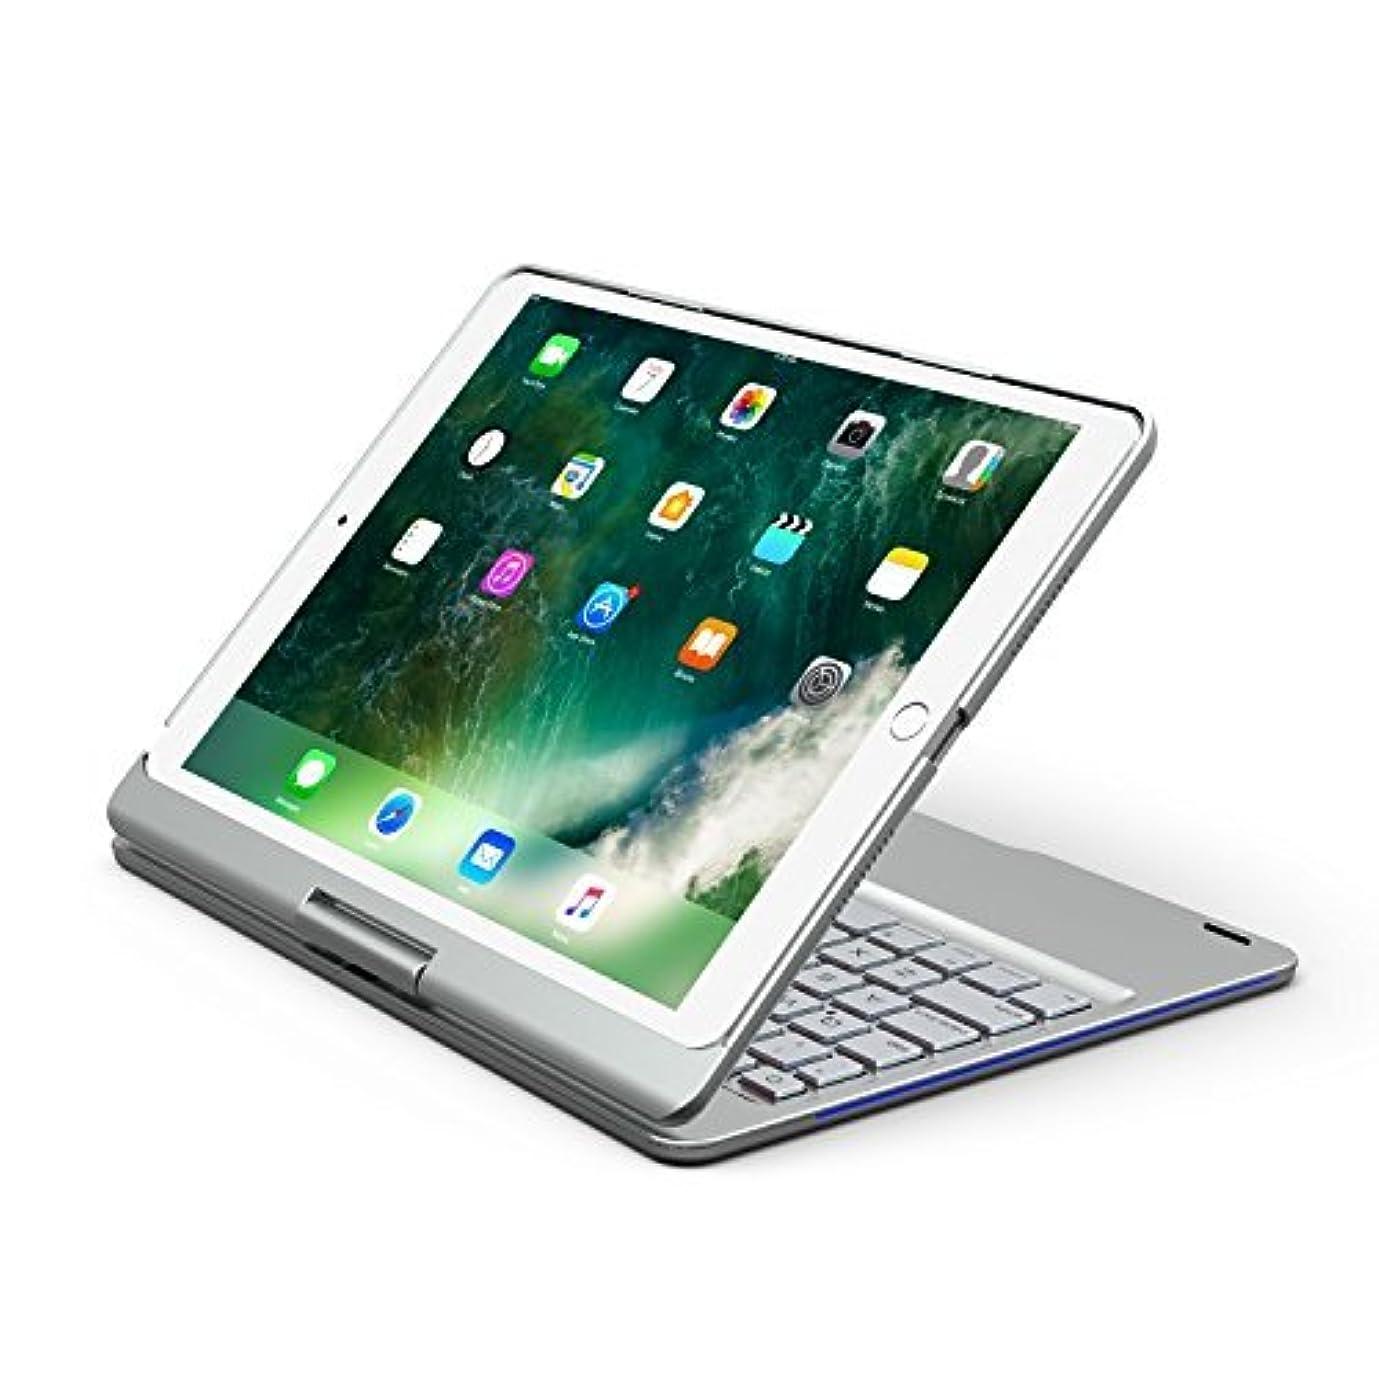 政治眉をひそめる革命的iPad Pro 10.5キーボードケース、businda 7色バックライト付きキーボードケースカバー360 °回転スマートキーボードケース/スリープ付きiPad Pro 10.5 2017 New iPad シルバー